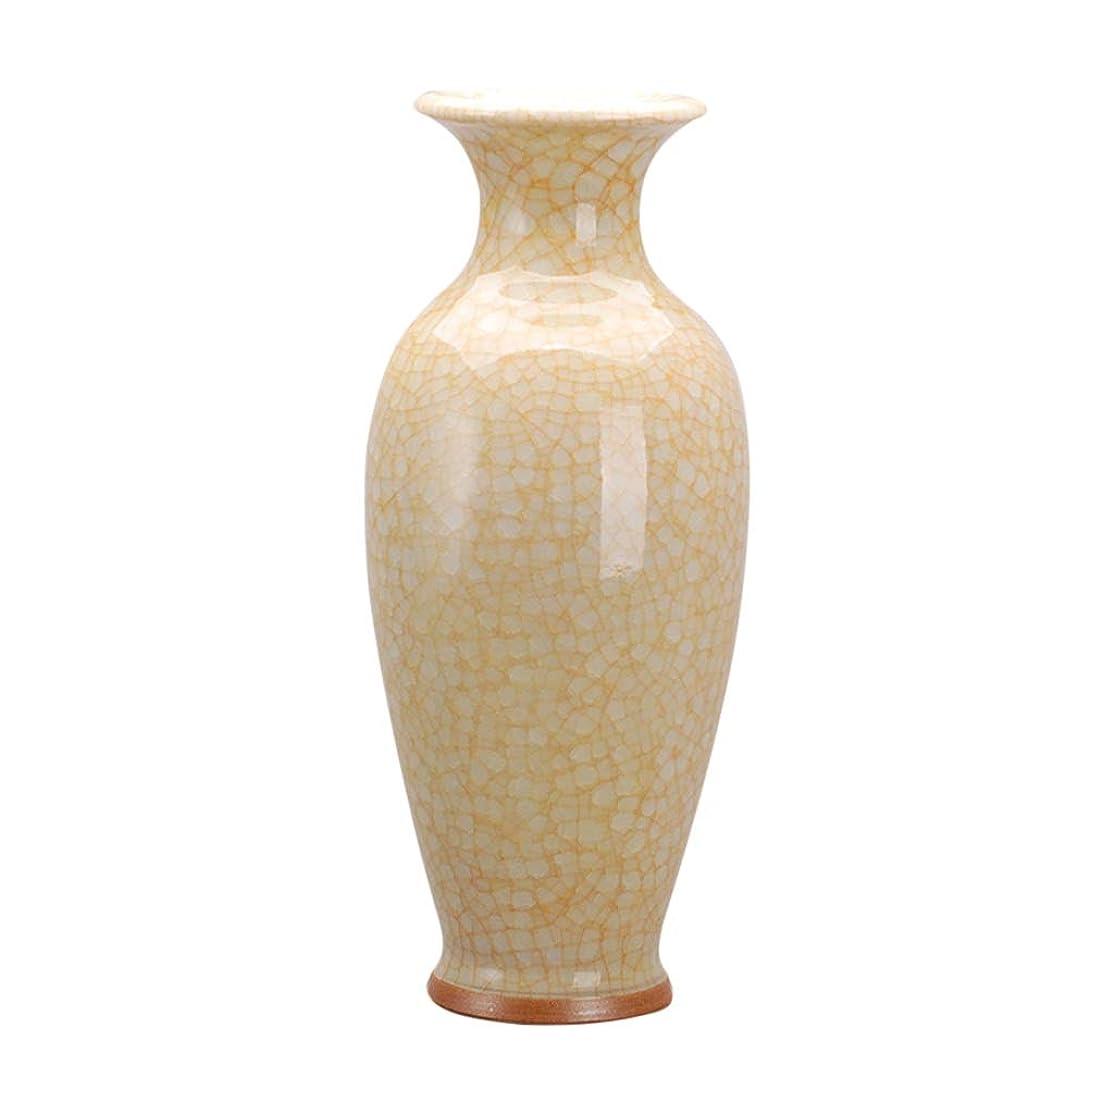 ヒントわずらわしい漫画花瓶 デコレーションホーム世帯ウェディングリビングルームベッドルームオフィス表イエロー15×35センチメートル用セラミック花瓶シンプルなハイグレード インテリア フラワーベース